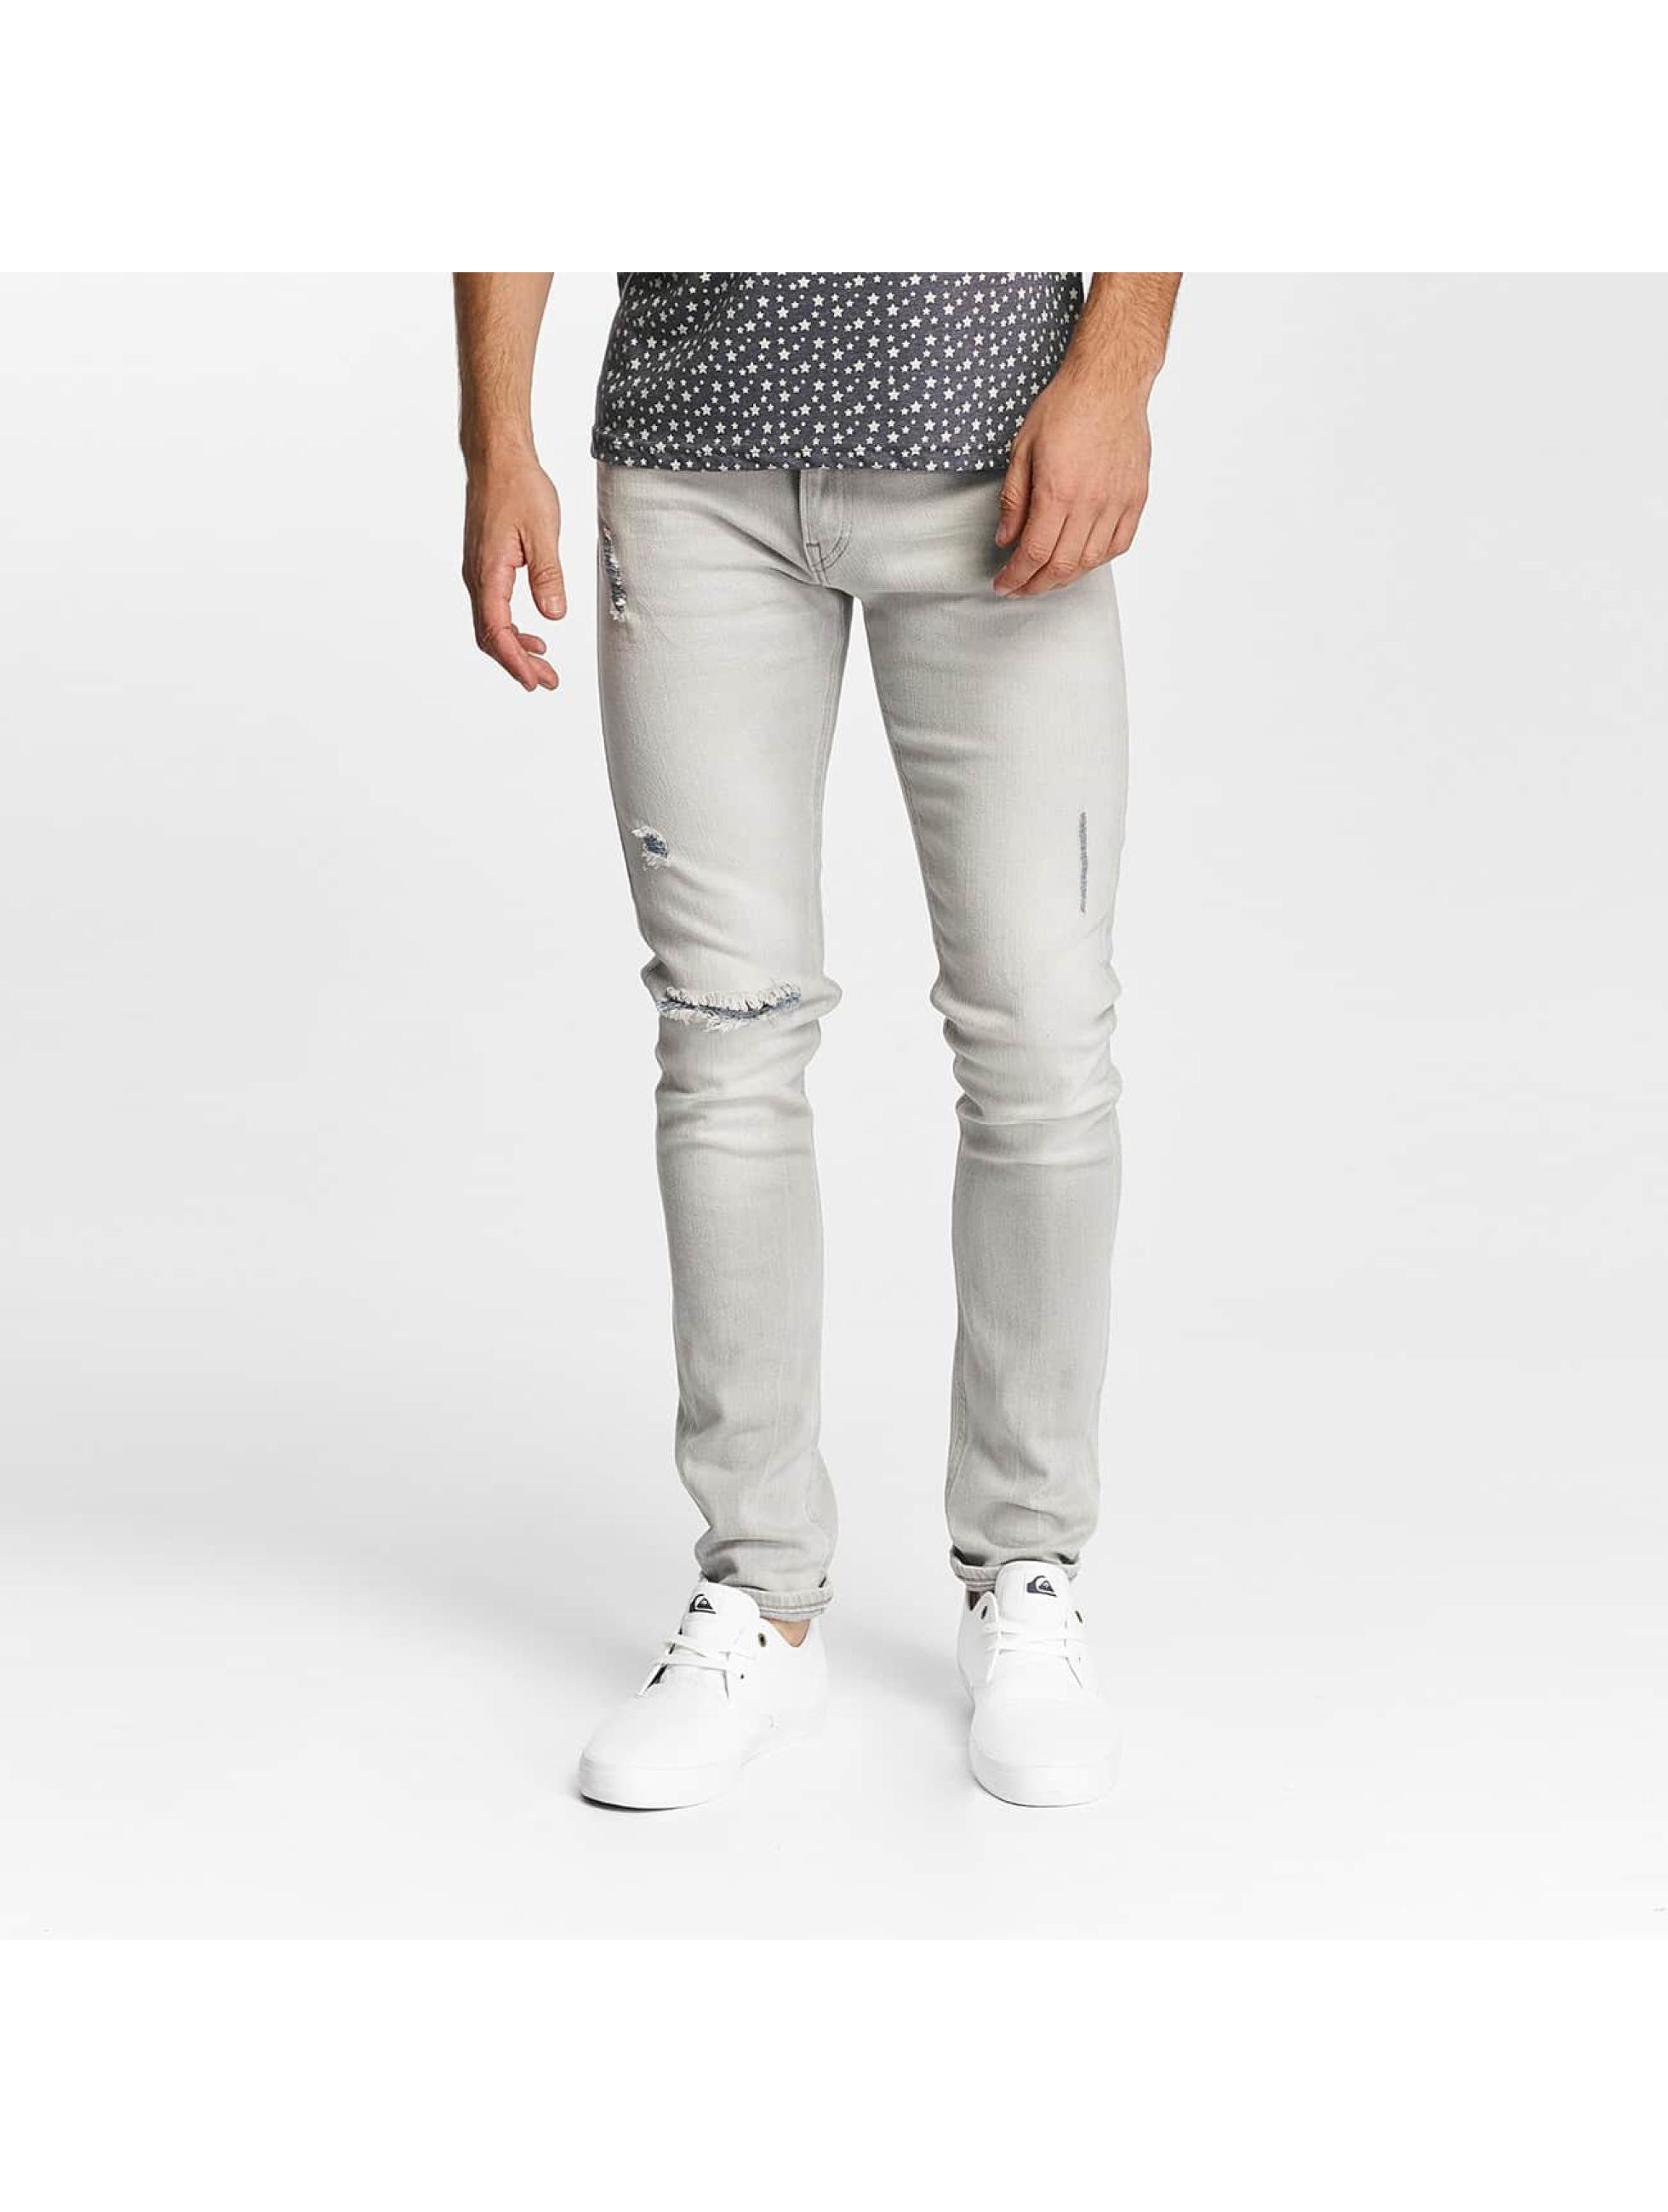 Artikel klicken und genauer betrachten! - Lee Luke Jeans Dirty Grey  – Lee Luke Jeans Dirty Grey von der Marke Lee für 89.99 EUR in der Farbe grau.   im Online Shop kaufen